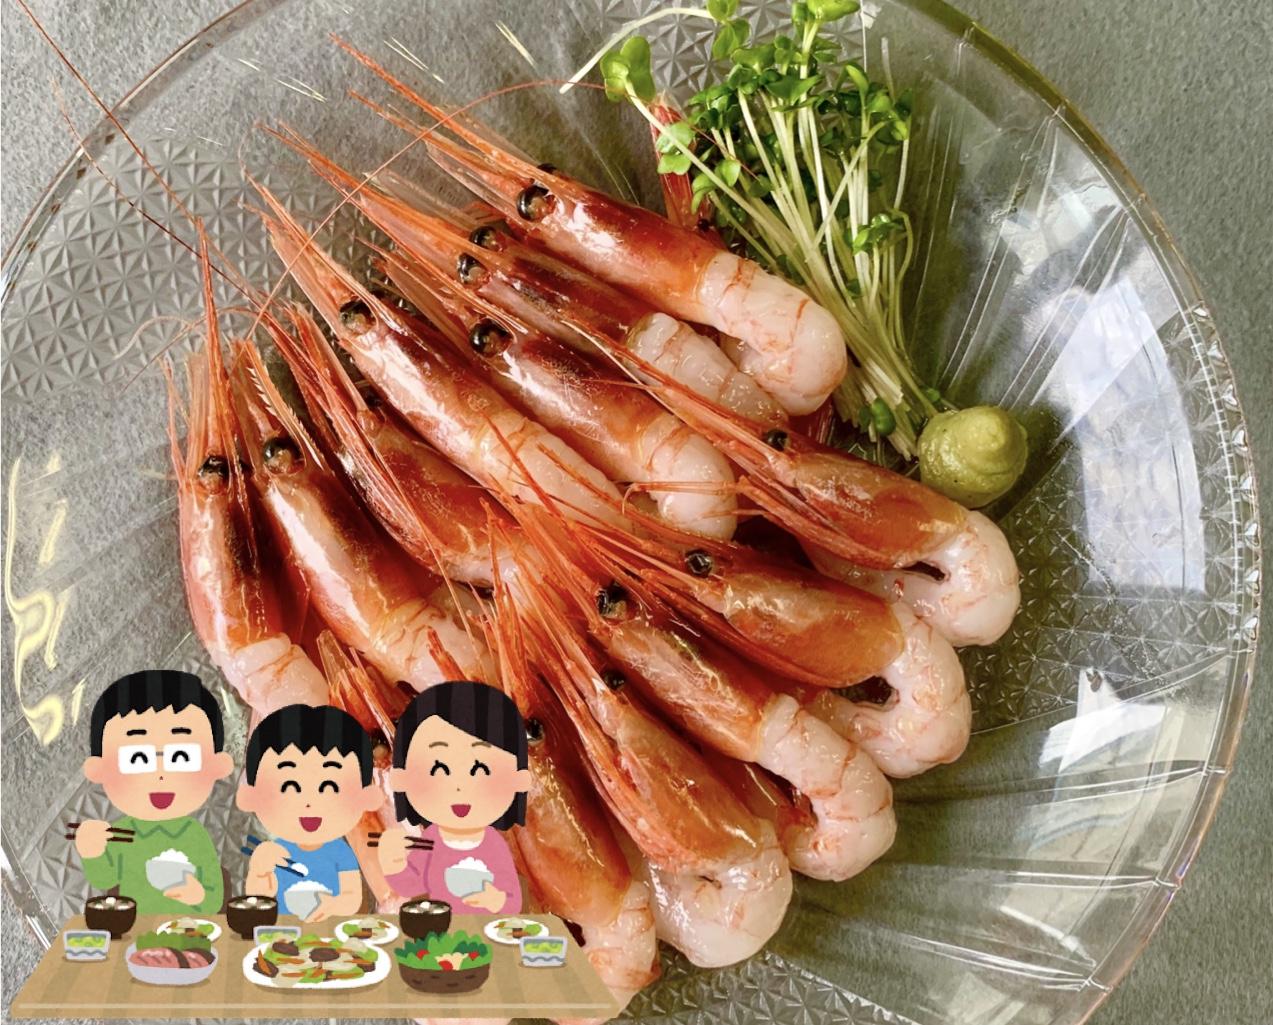 北海道羽幌産 冷凍 『甘エビ』 350g×2袋 ☆北海道送料無料☆